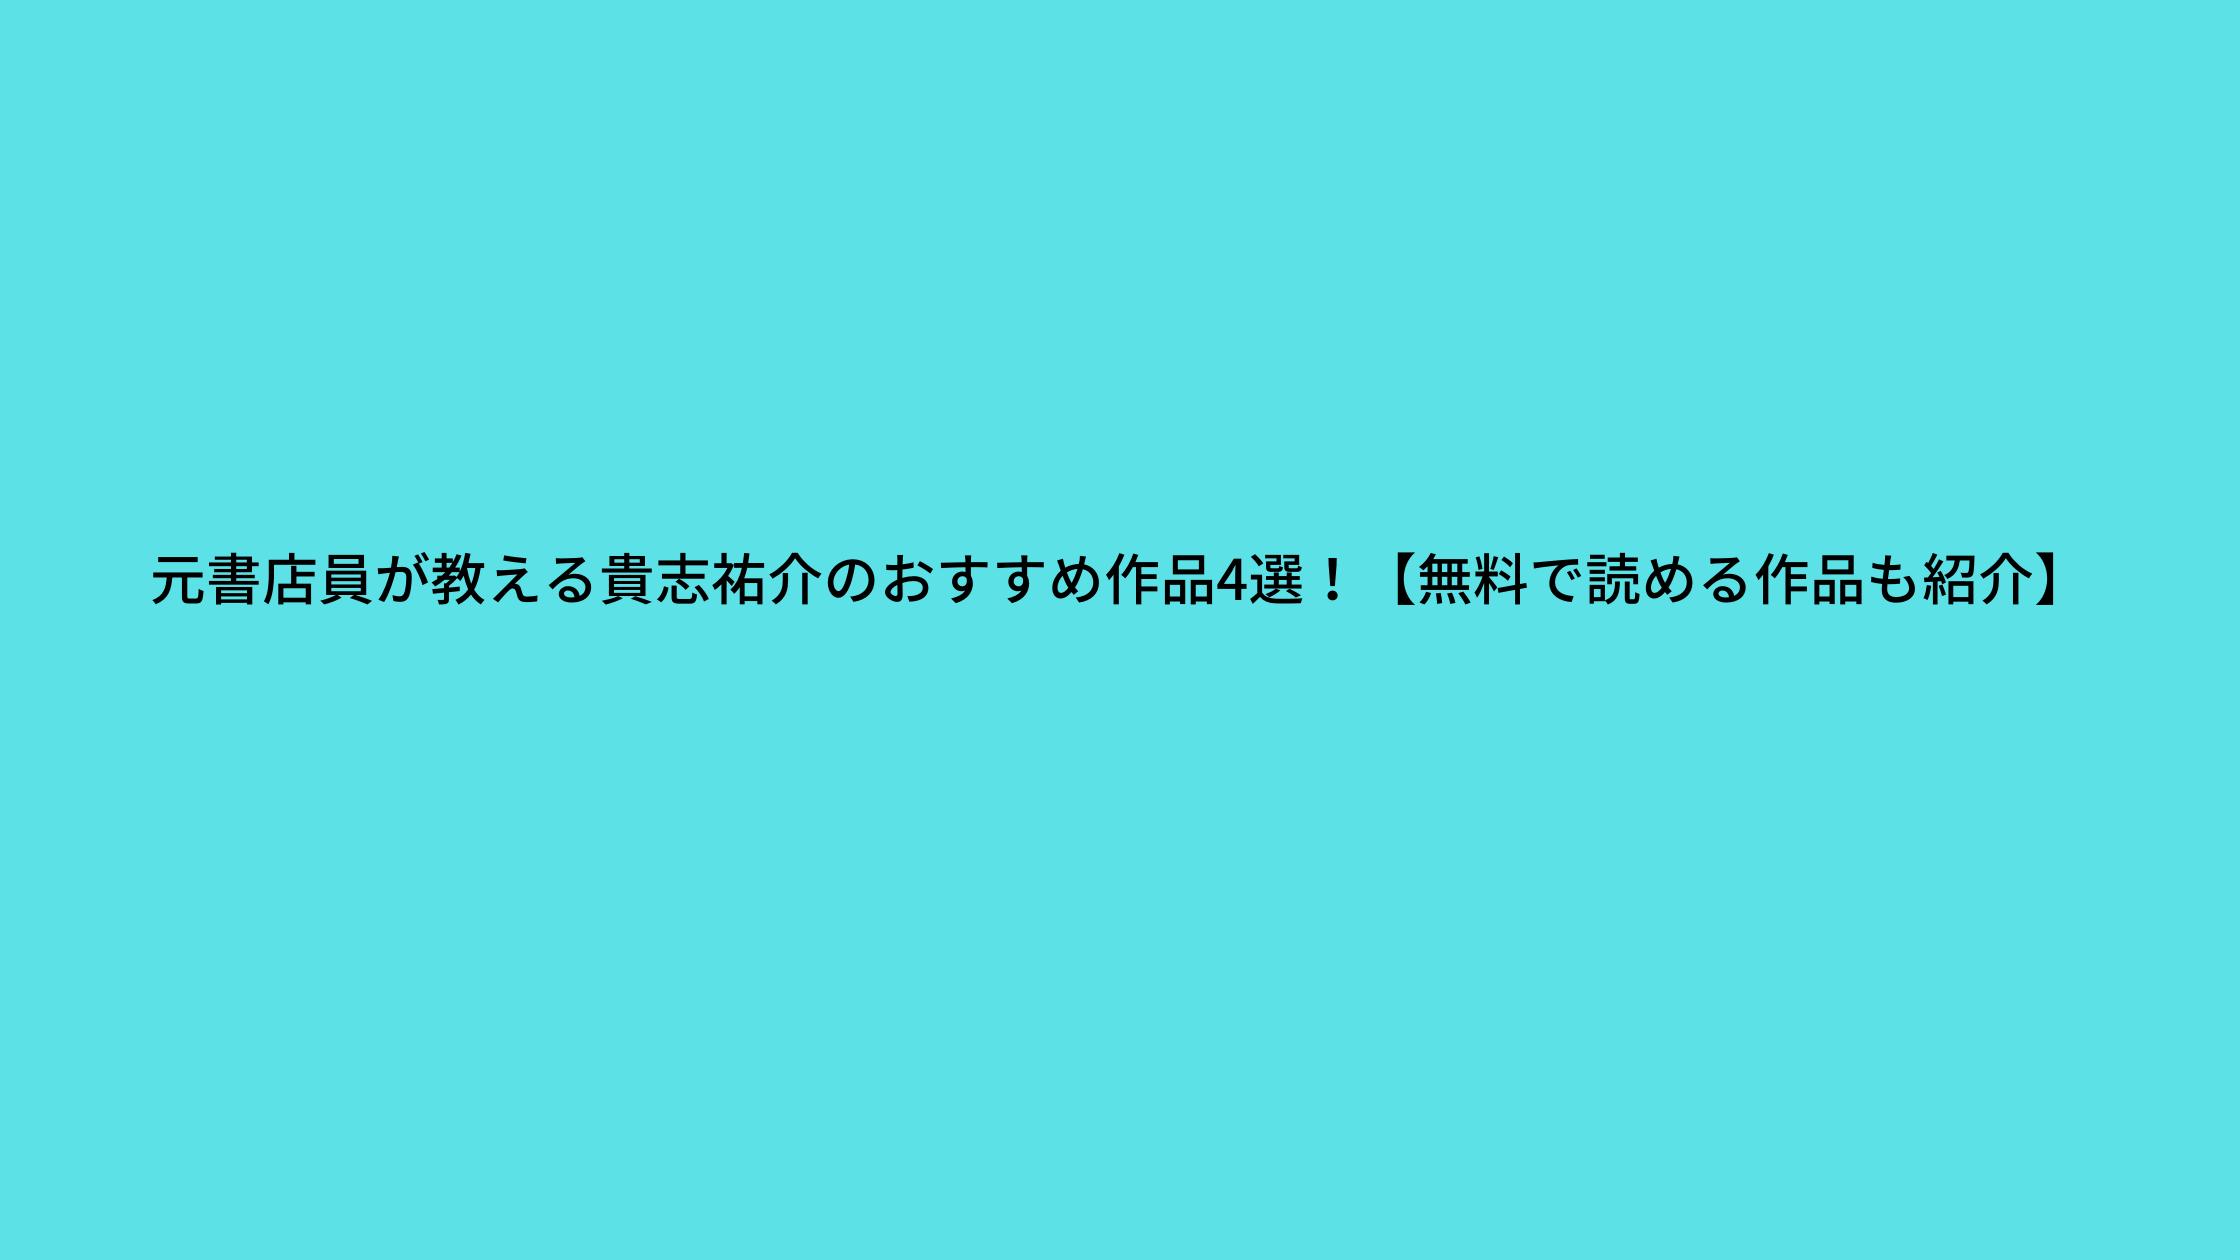 元書店員が教える貴志祐介のおすすめ作品4選!【無料で読める作品も紹介】